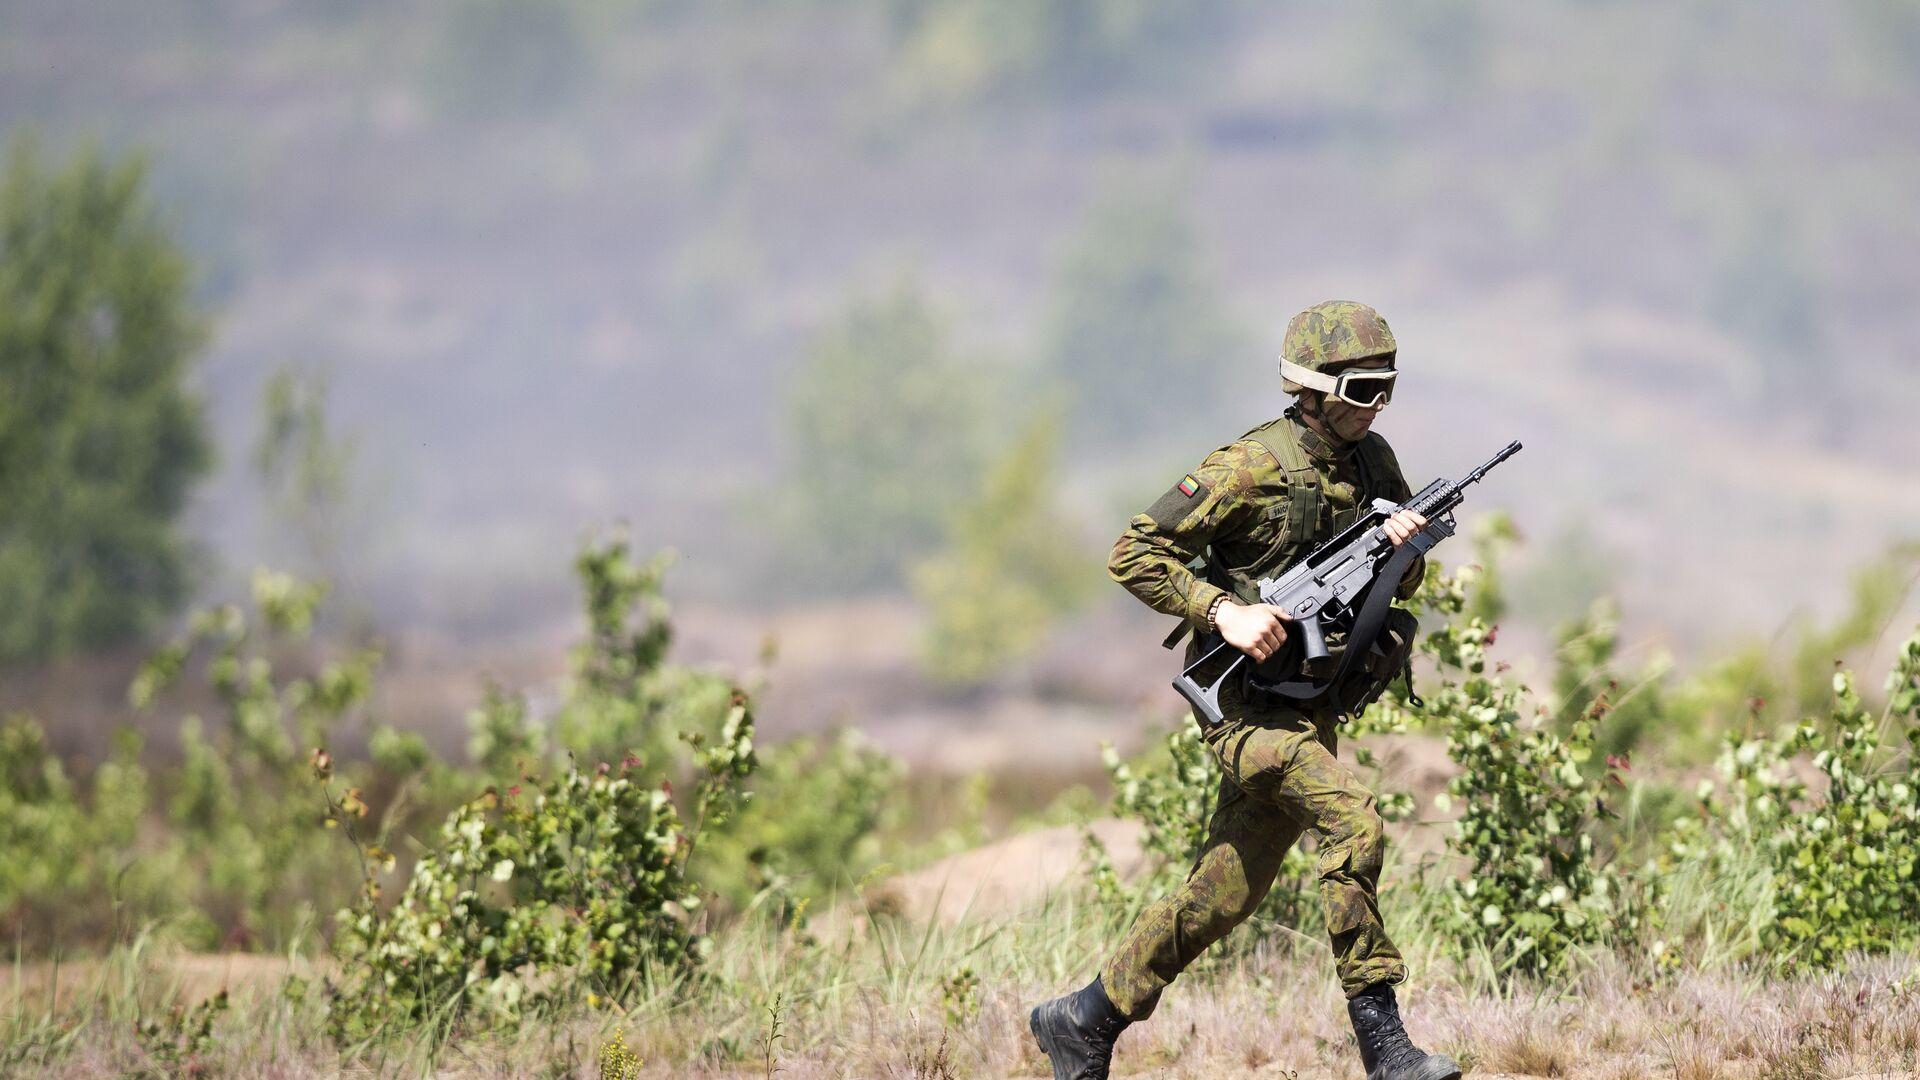 Военнослужащий литовской армии во время учений Железный волк – 2016. Июль 2016 года  - РИА Новости, 1920, 12.10.2021